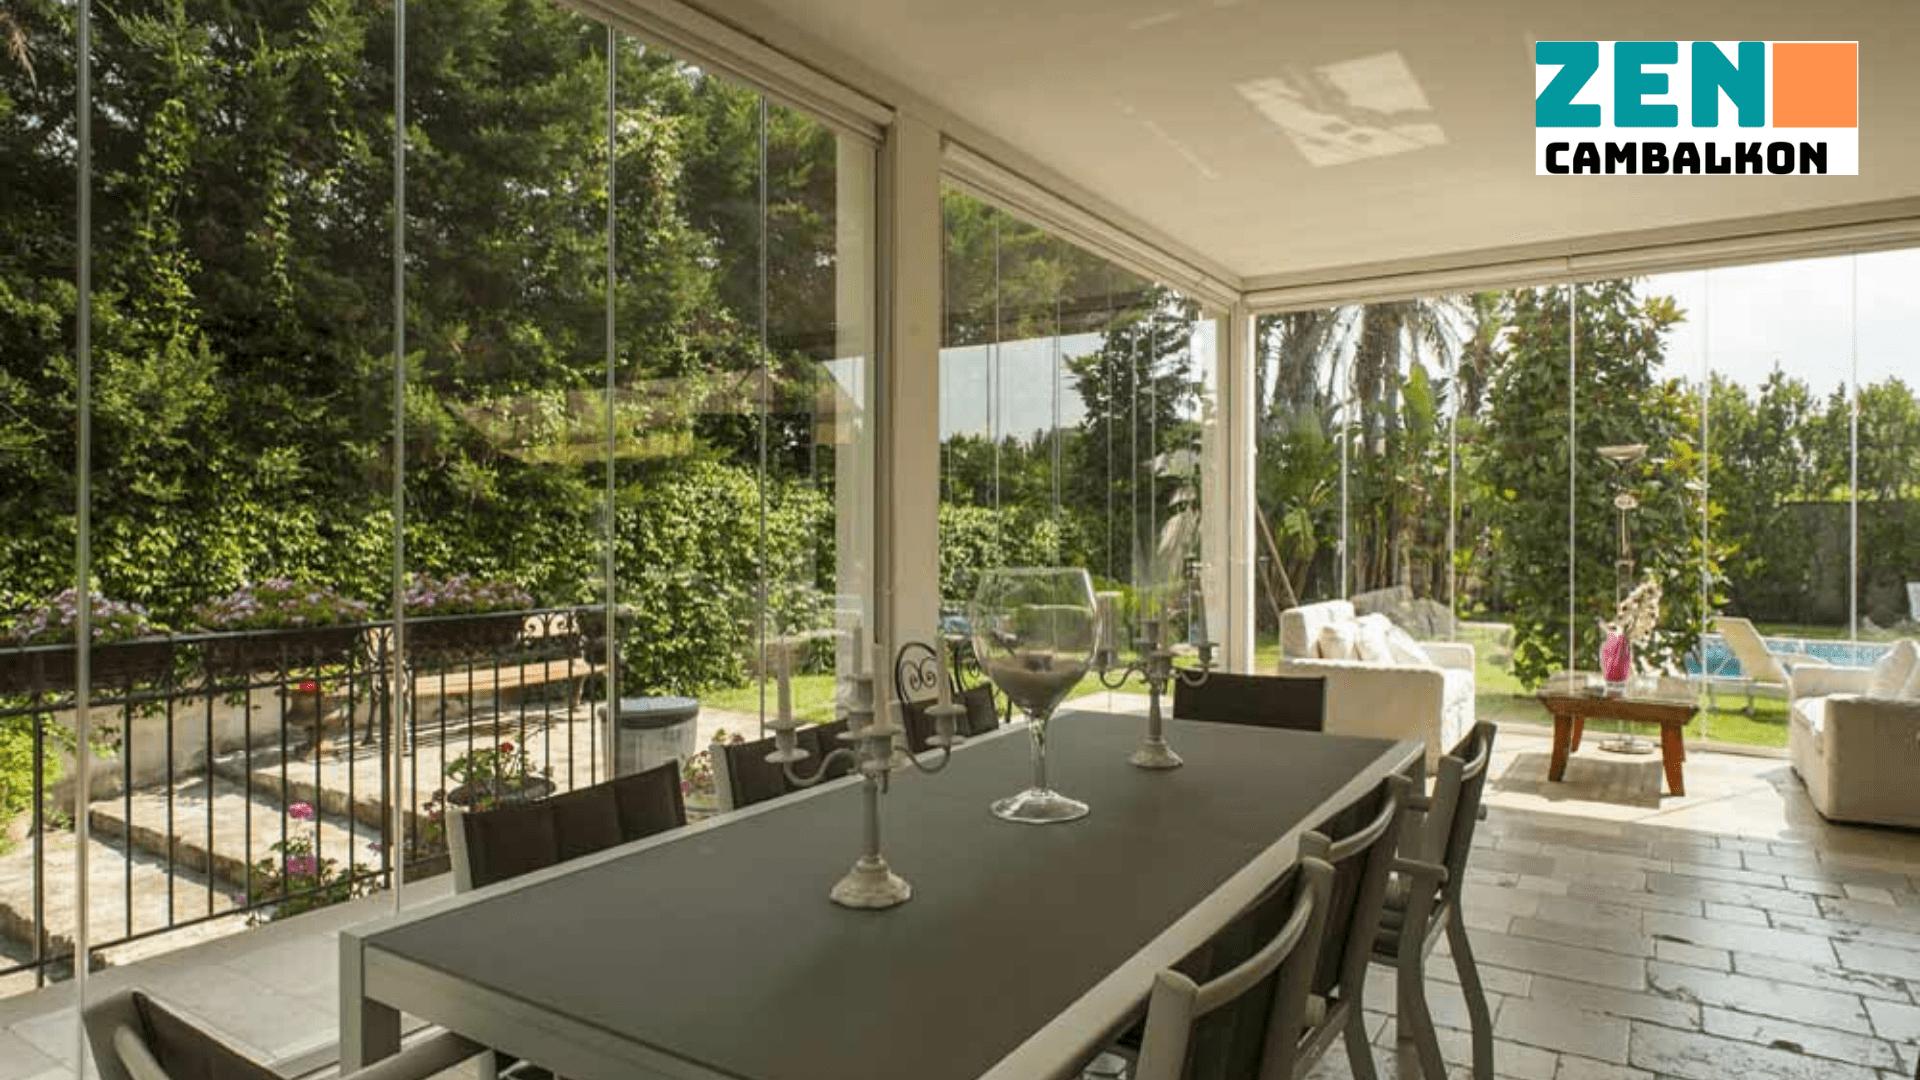 Cam balkon İzmir firmaları